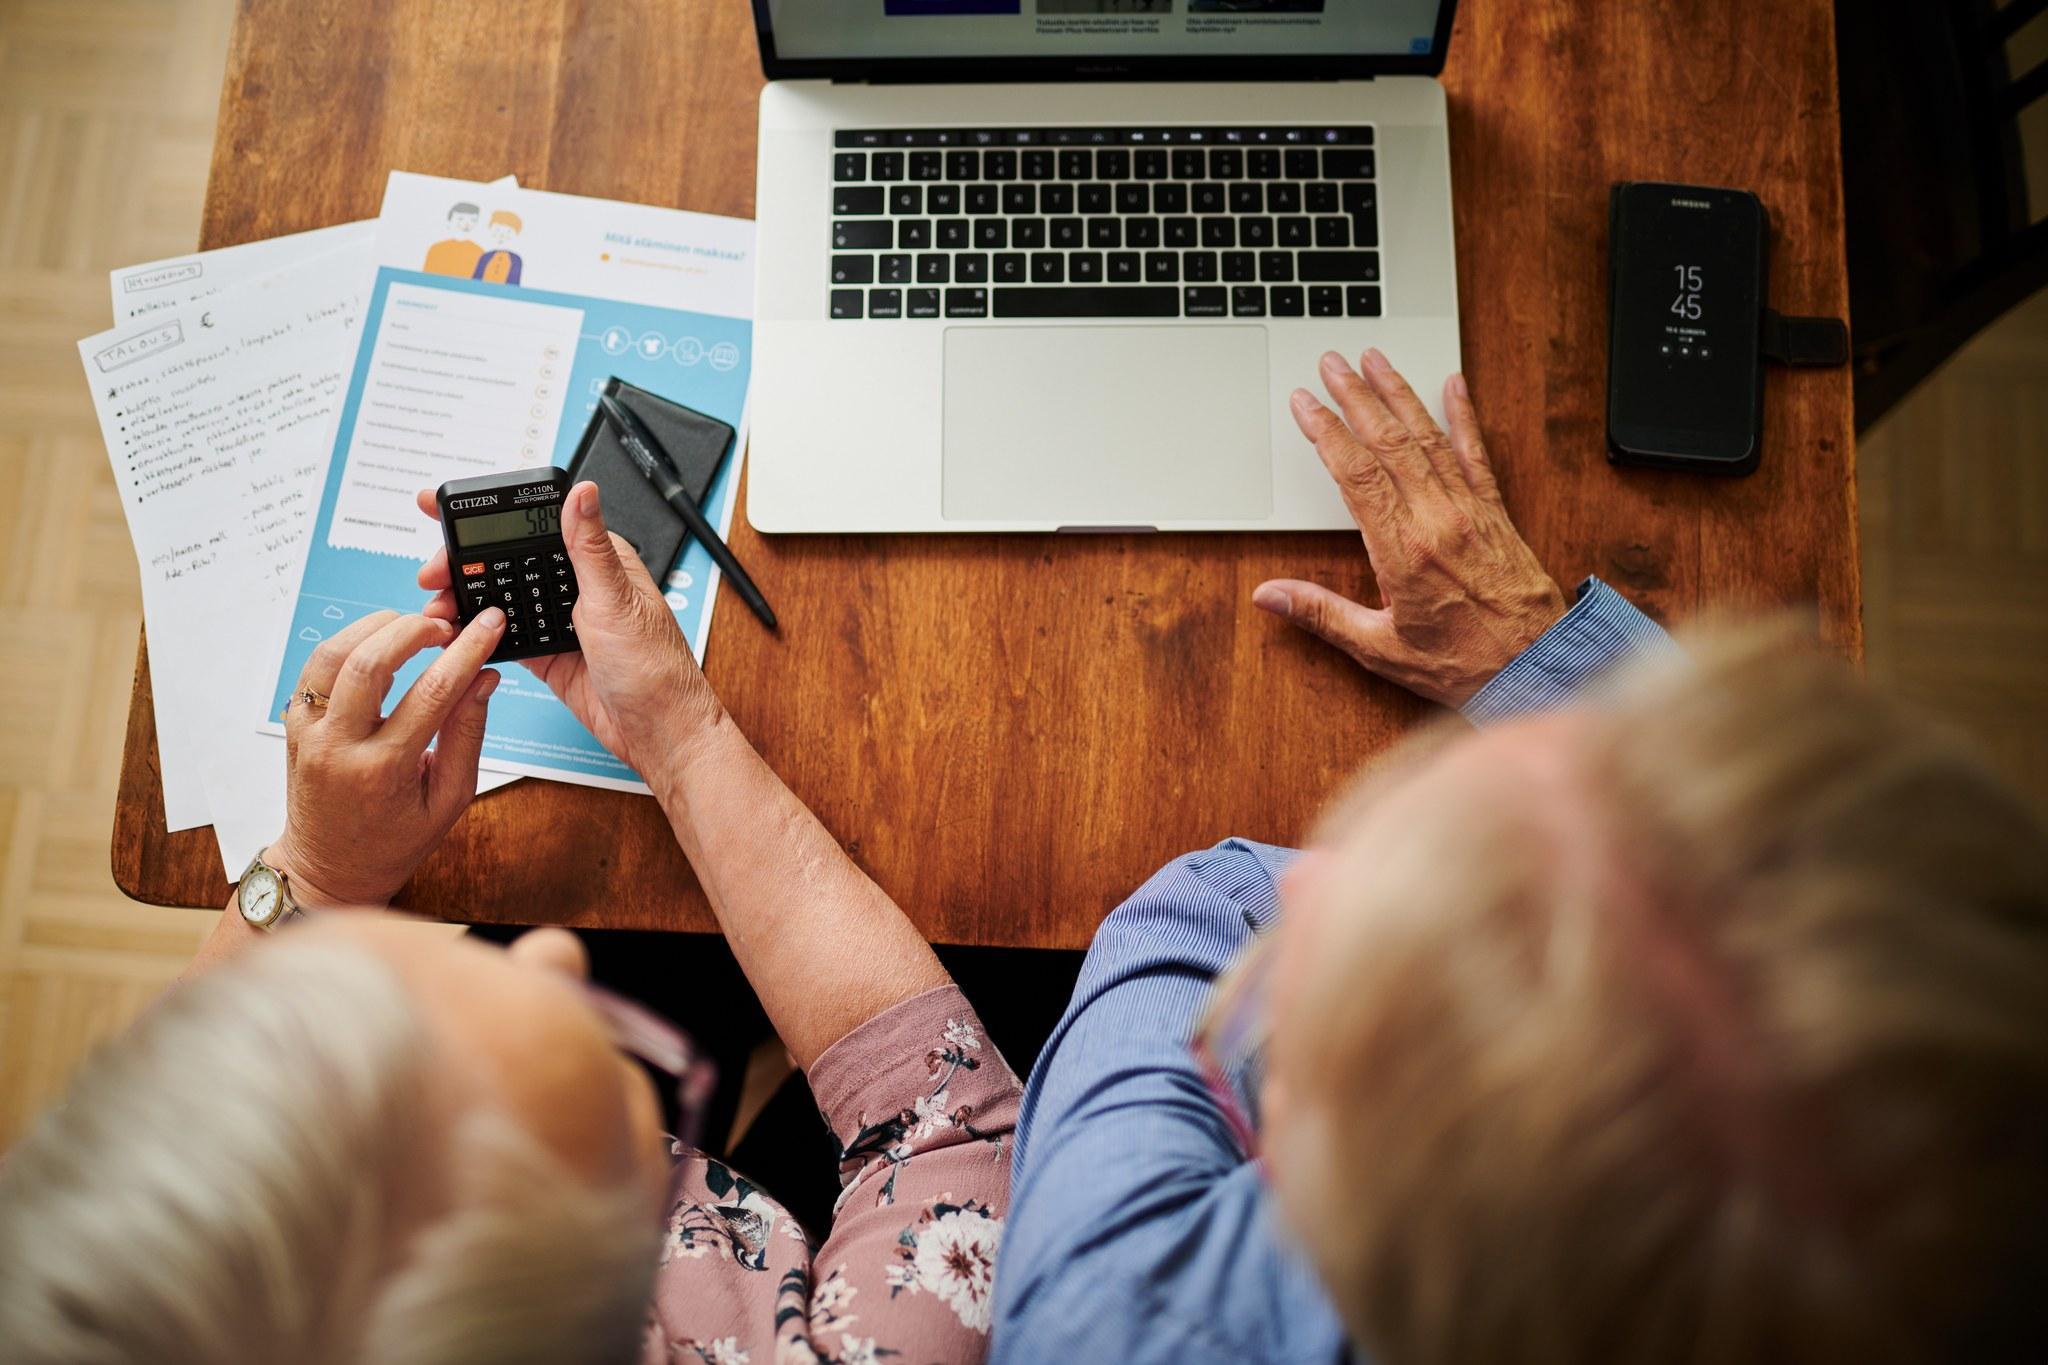 Iäkäs pariskunta hoitamassa asioita tietokoneen äärellä